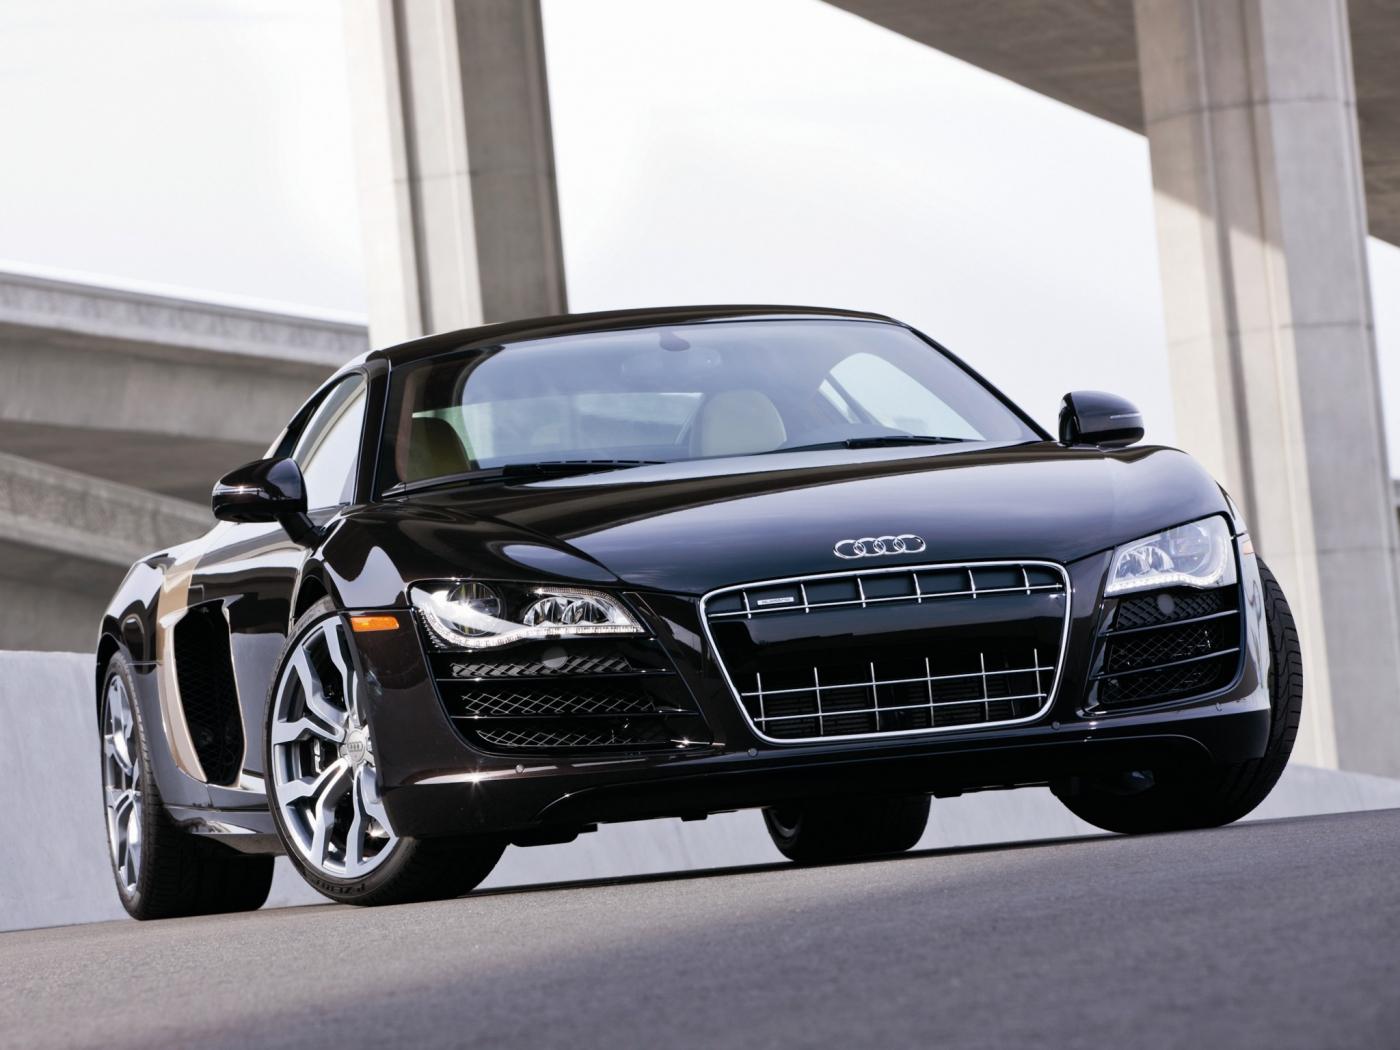 36475 télécharger le fond d'écran Transports, Voitures, Audi - économiseurs d'écran et images gratuitement